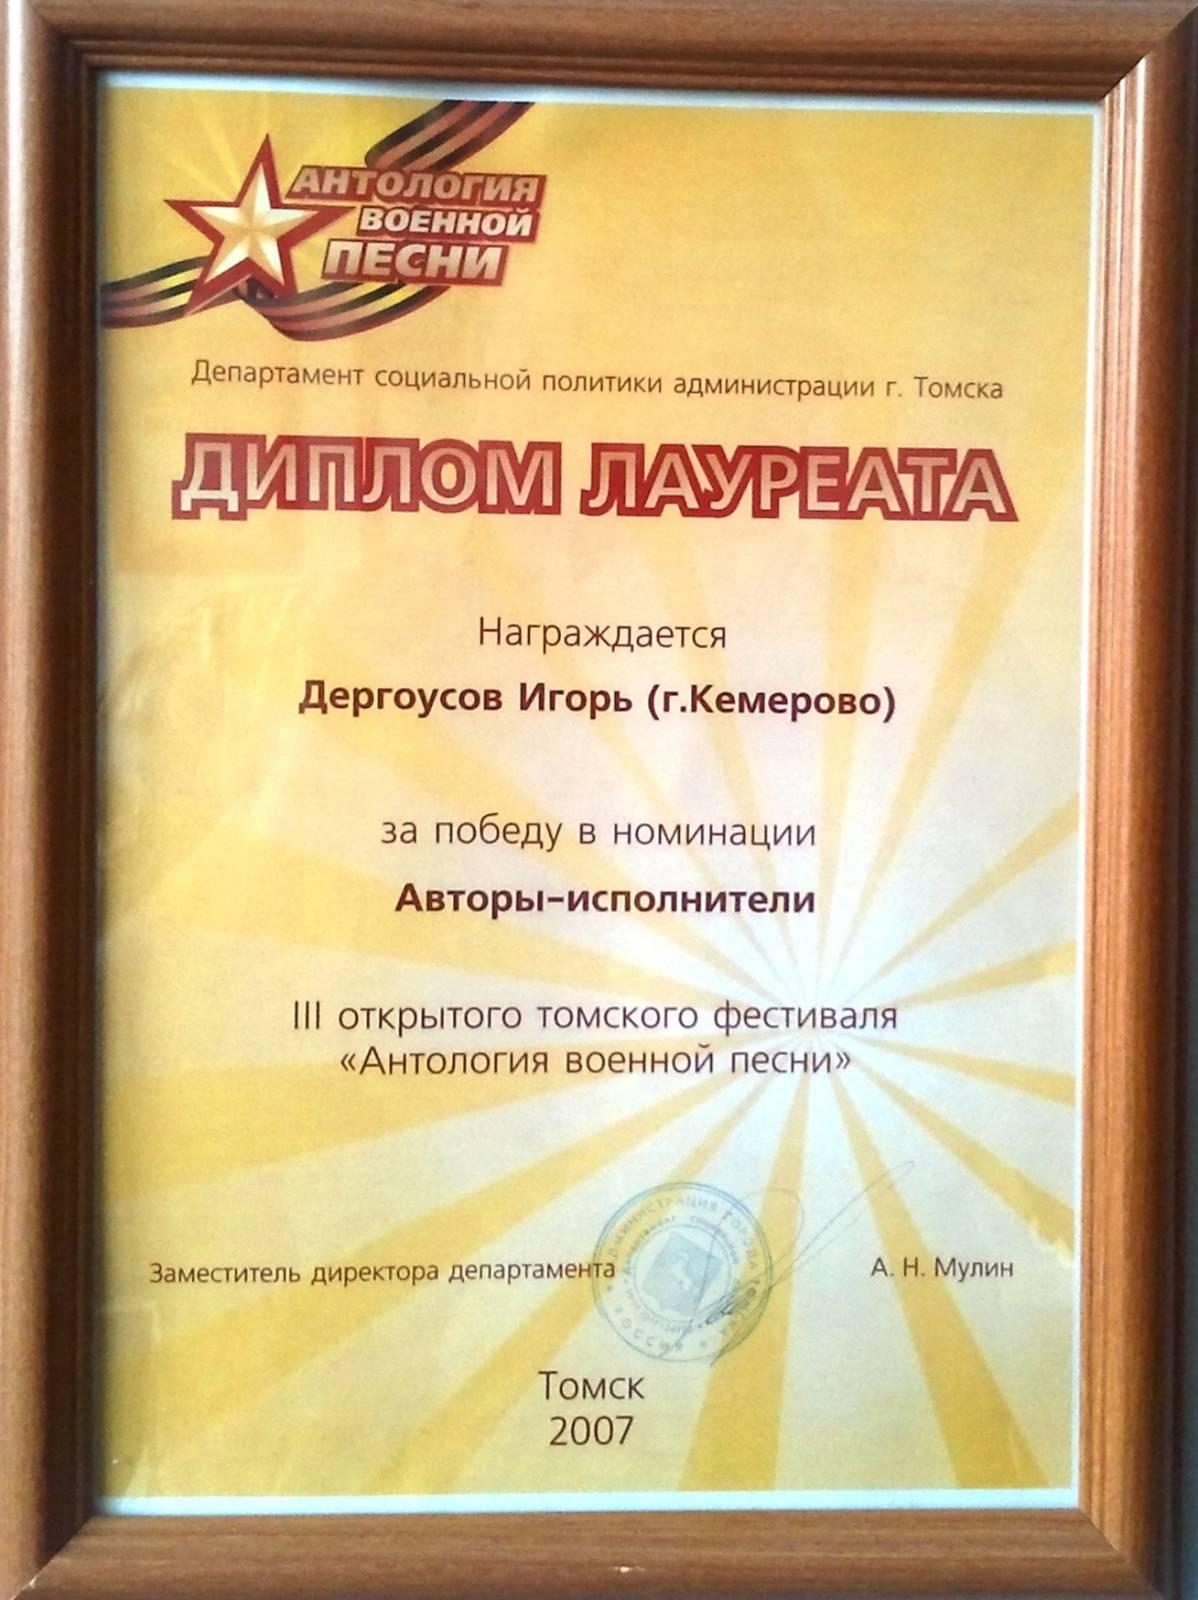 Диплом фестиваль